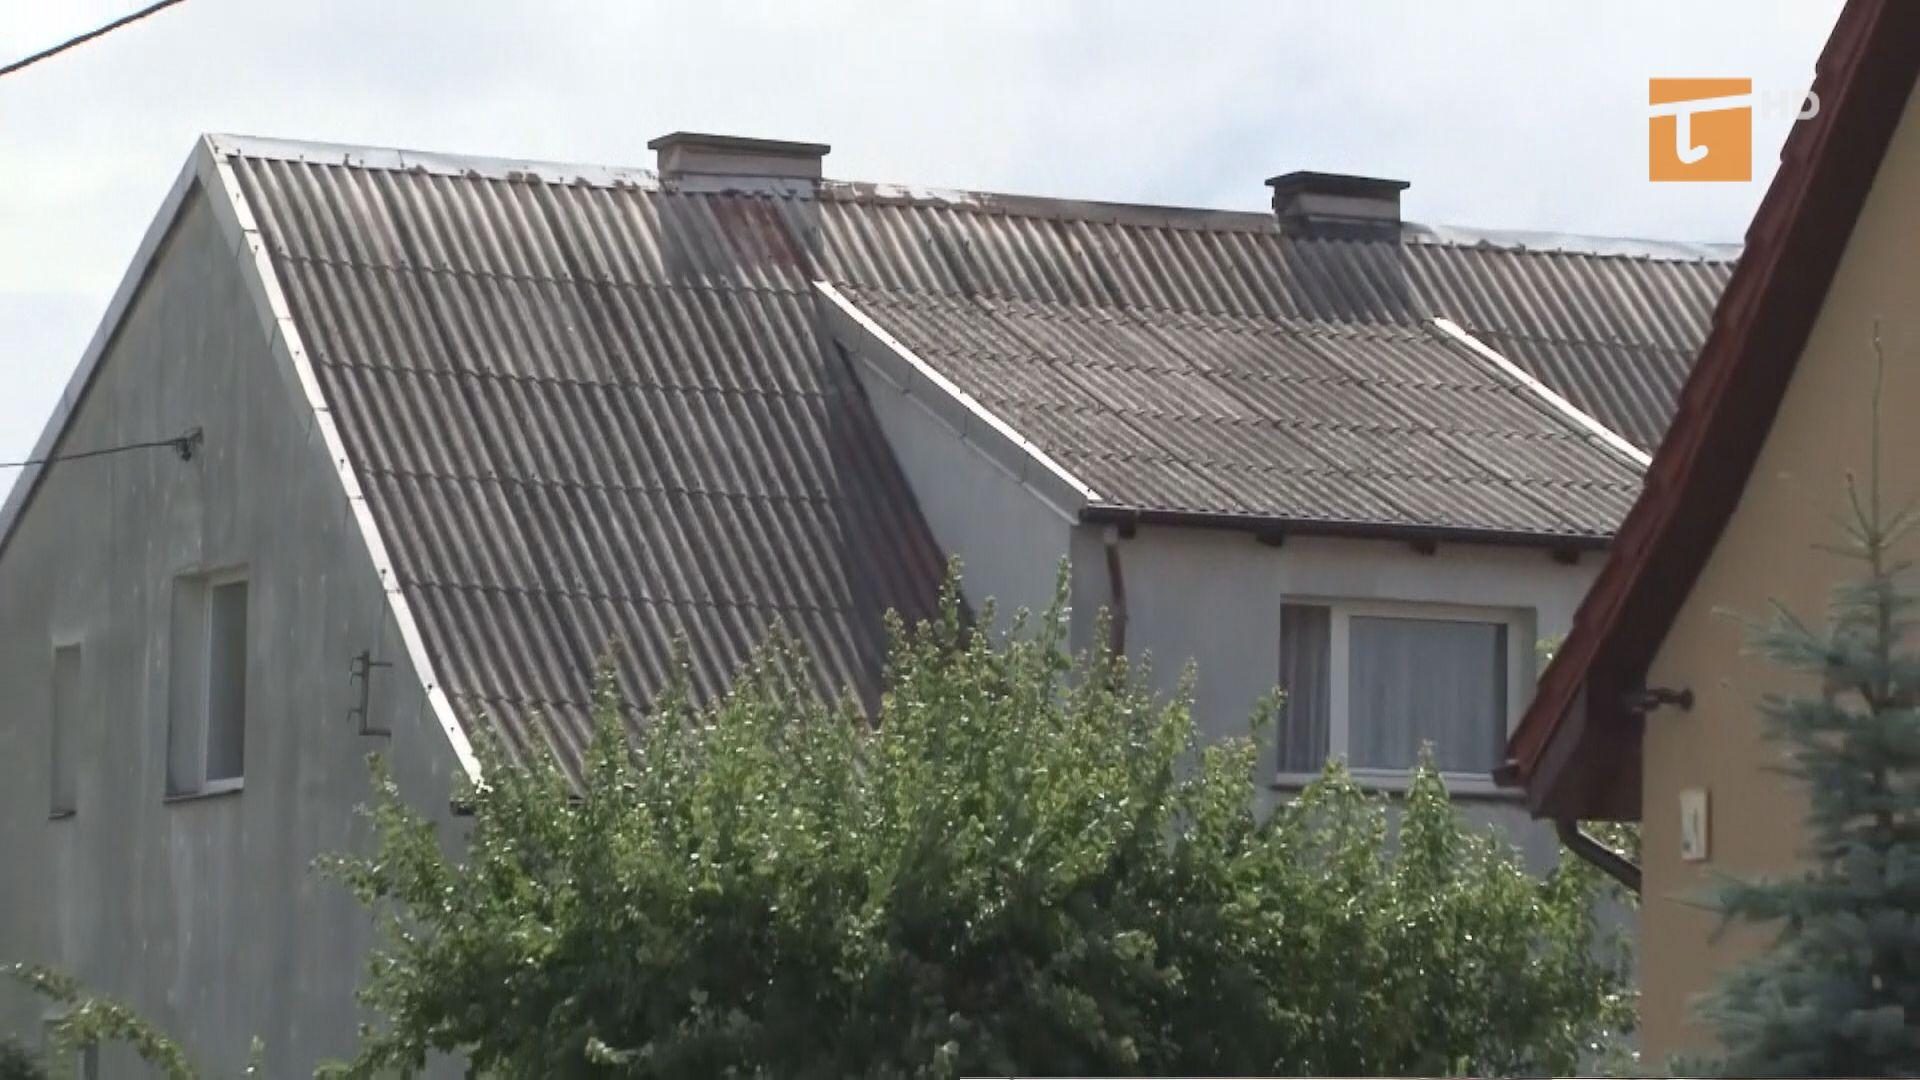 Tczewianie oraz wspólnoty mieszkaniowe mogą do ratusza składać wnioski o dotację na usuwanie azbestu